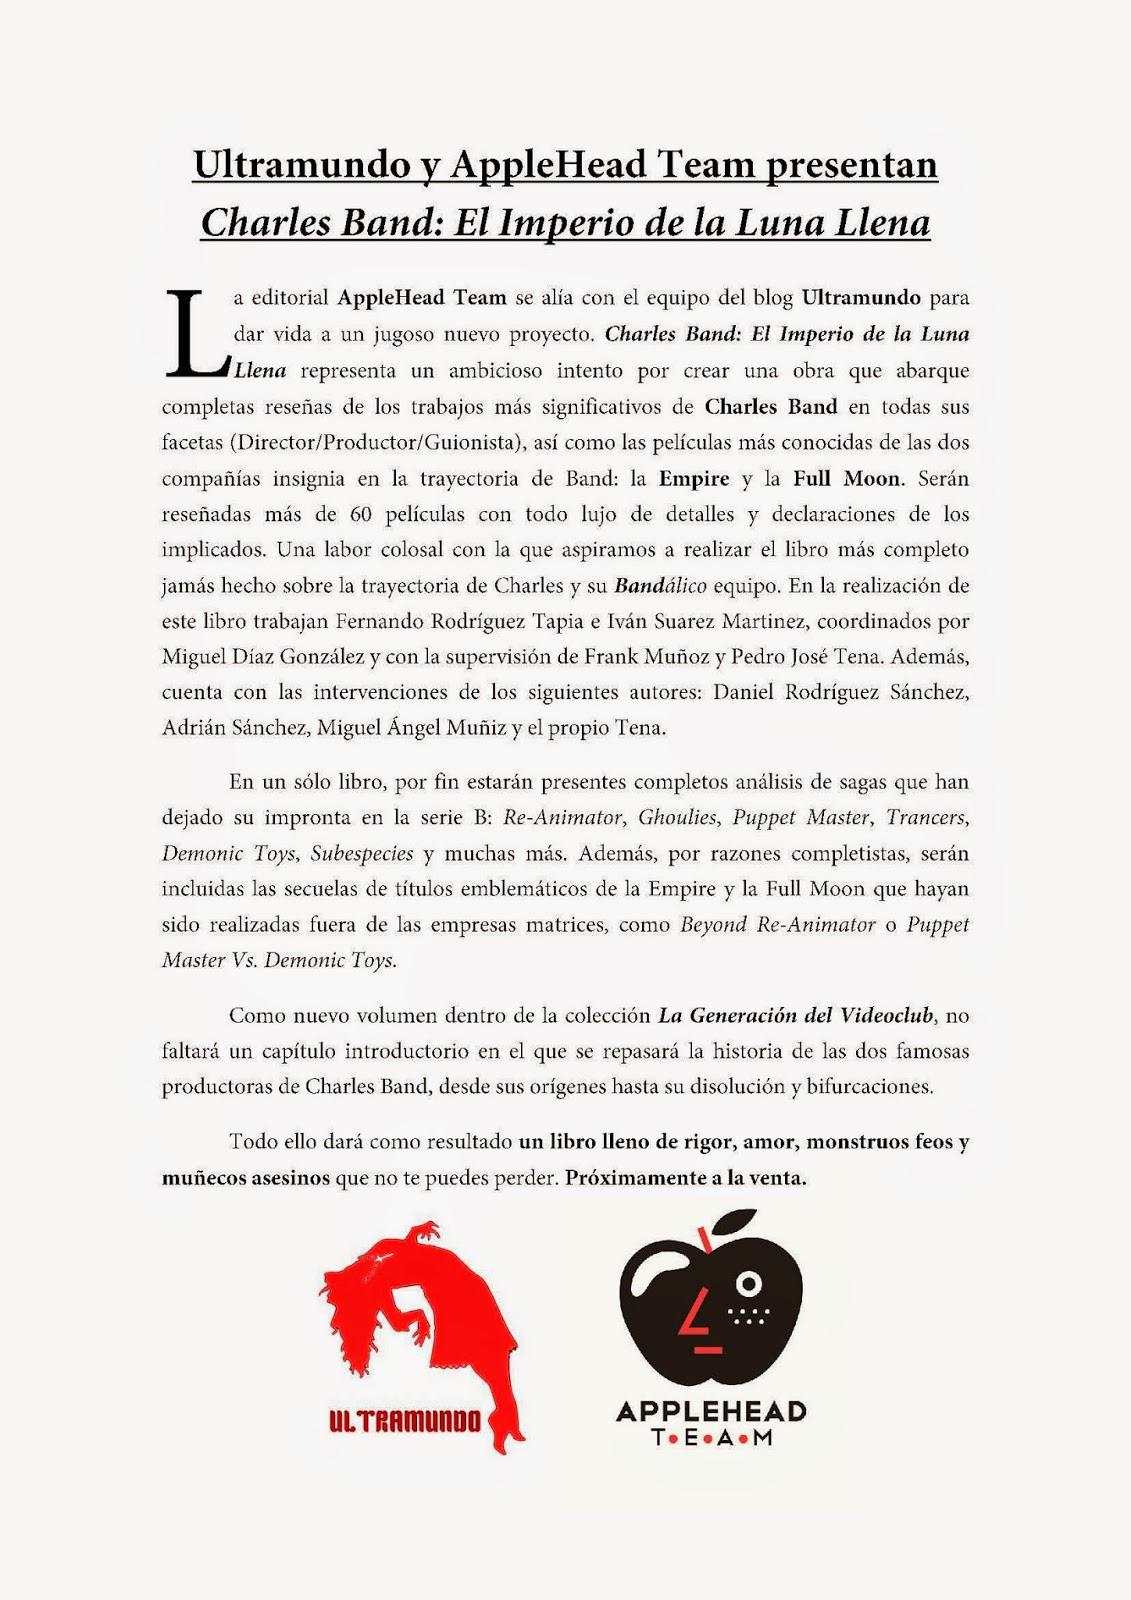 """""""AppleHead Team"""" y """"Ultramundo"""" unen esfuerzos para el libro """"Charles Band   El Imperio de la Luna Llena"""" b071a14cba3"""